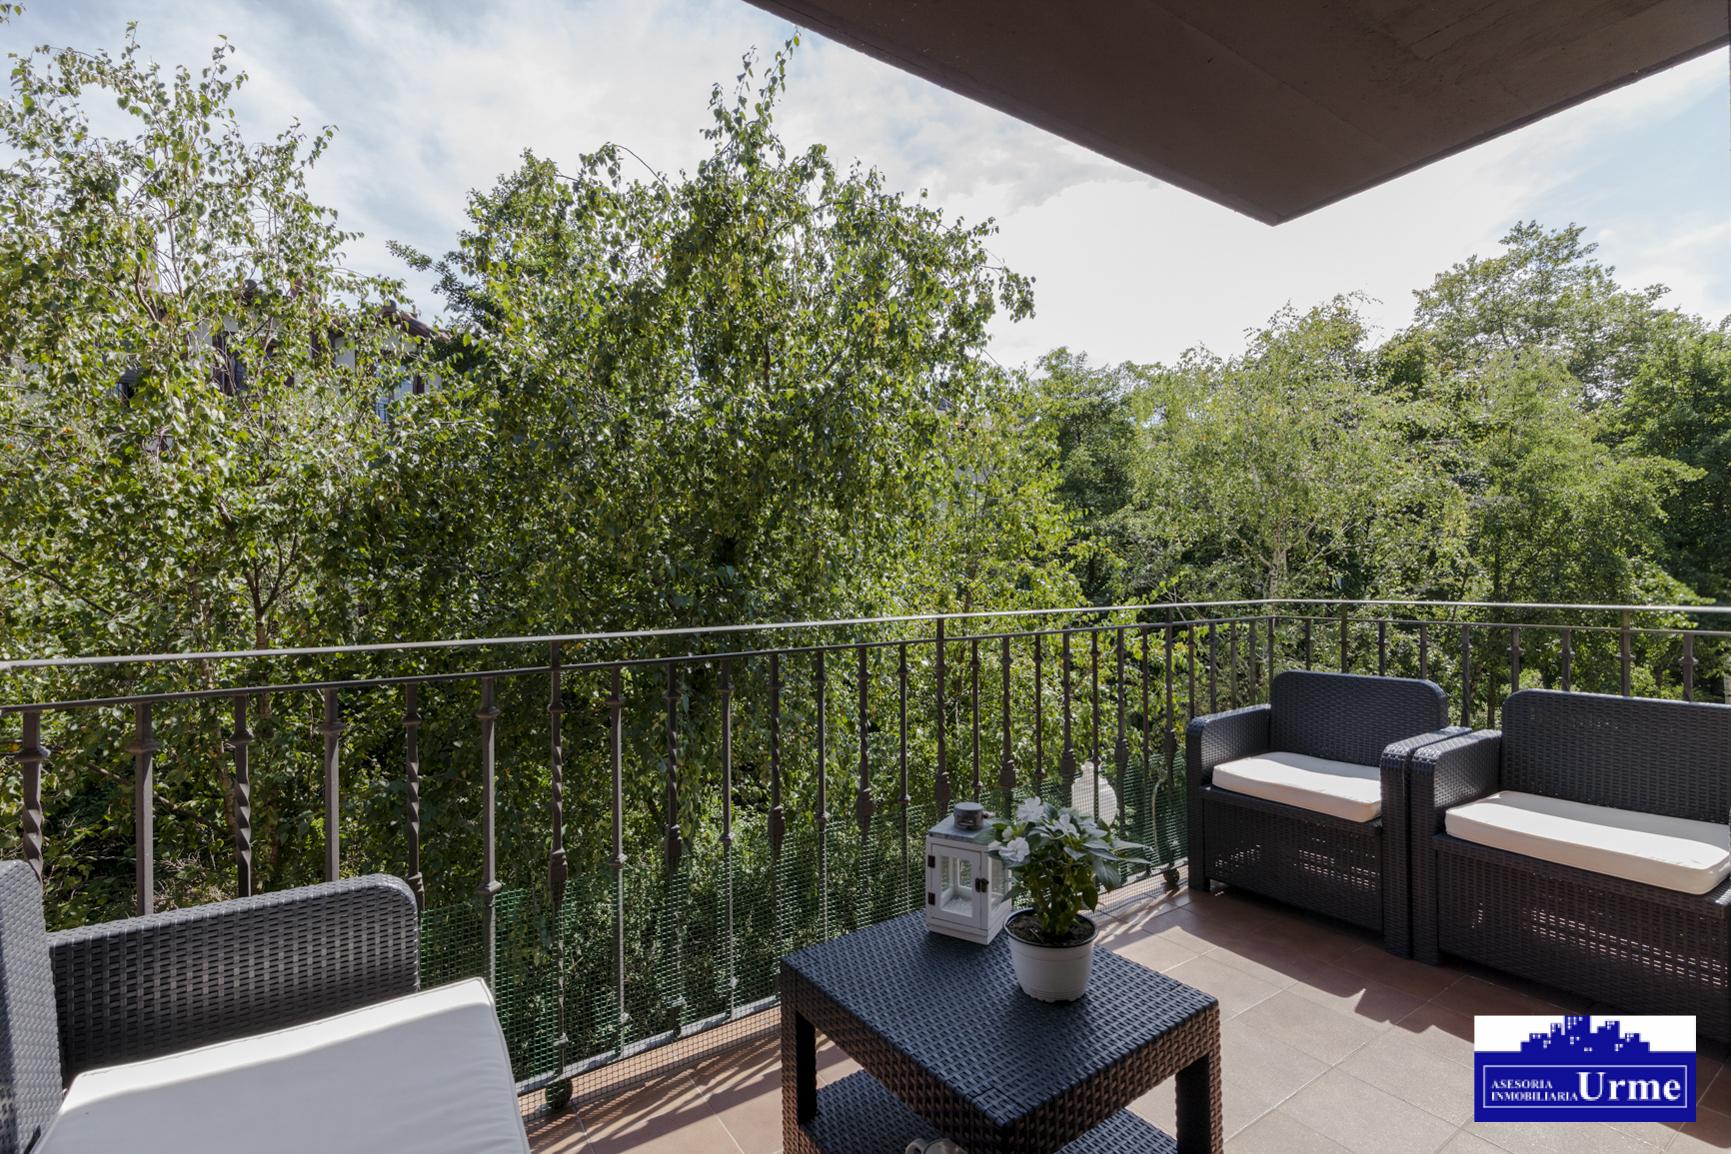 Zona residencial Urdanibia Berri,Entorno tranquilo.3 dormitorios,salon majo con salida terraza,vistas en verde!cocina equipada, dos baños.Garaje!!te lo vas a perder?